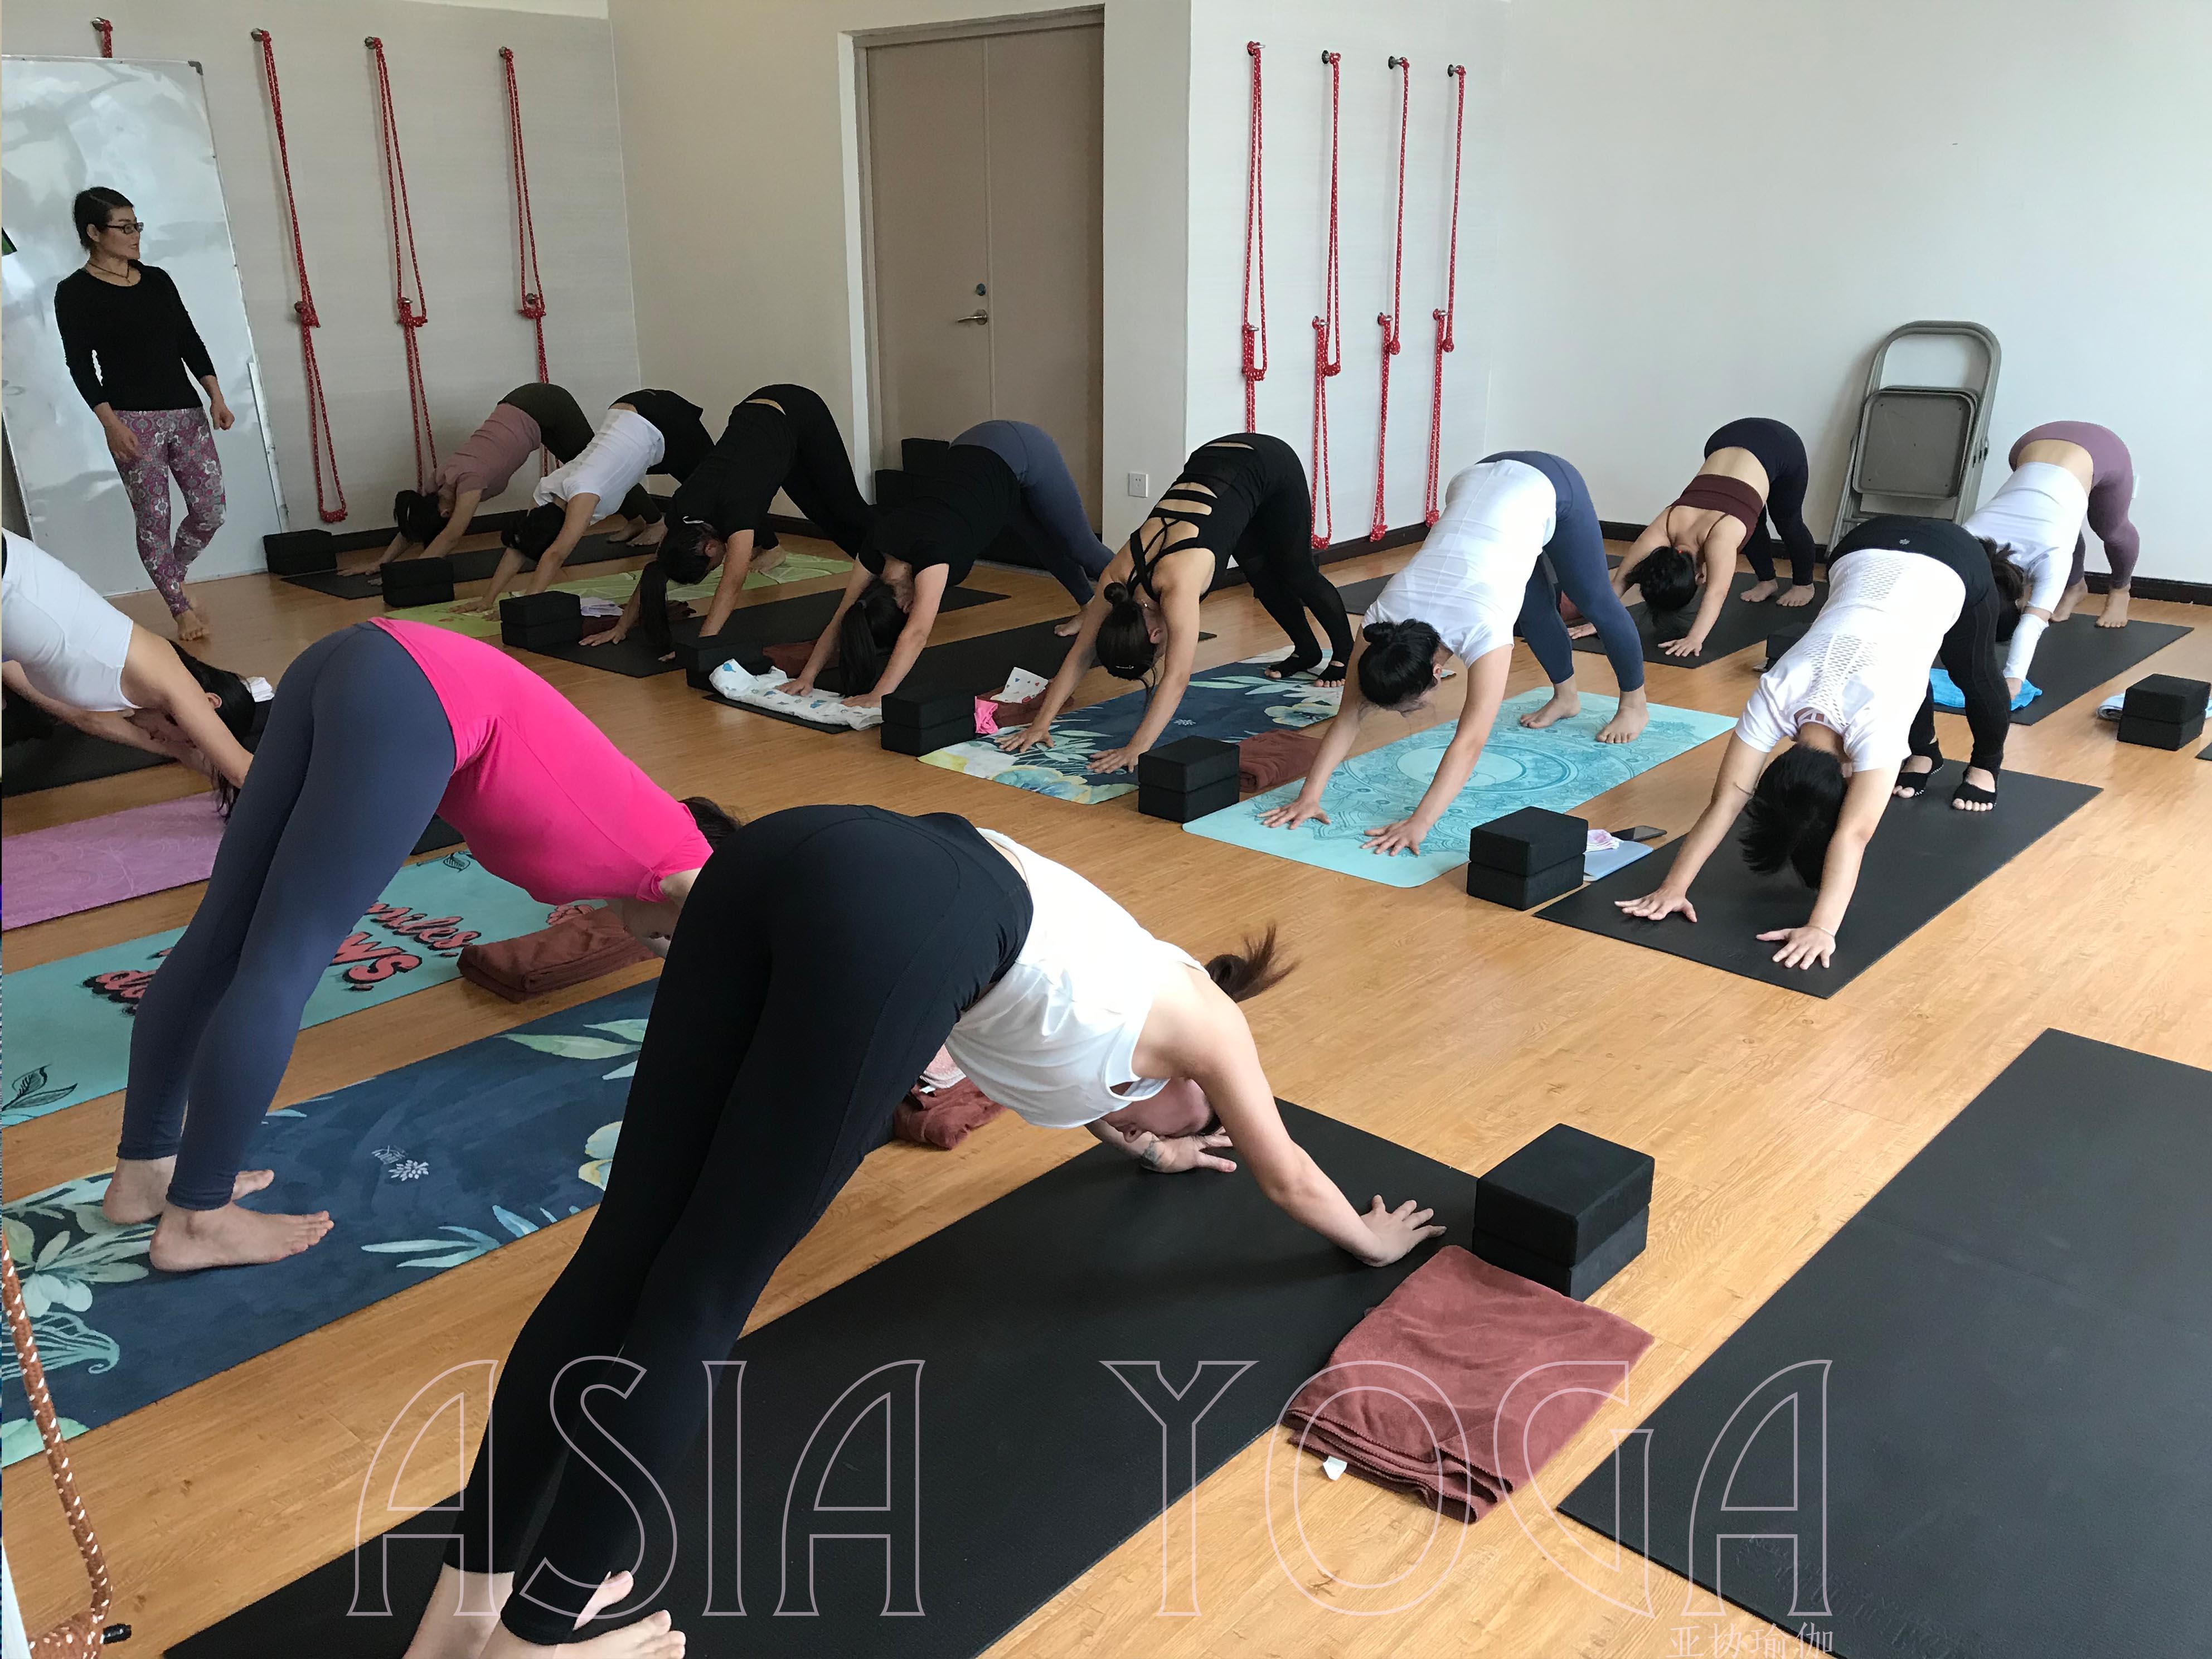 自学瑜伽教练可以吗?